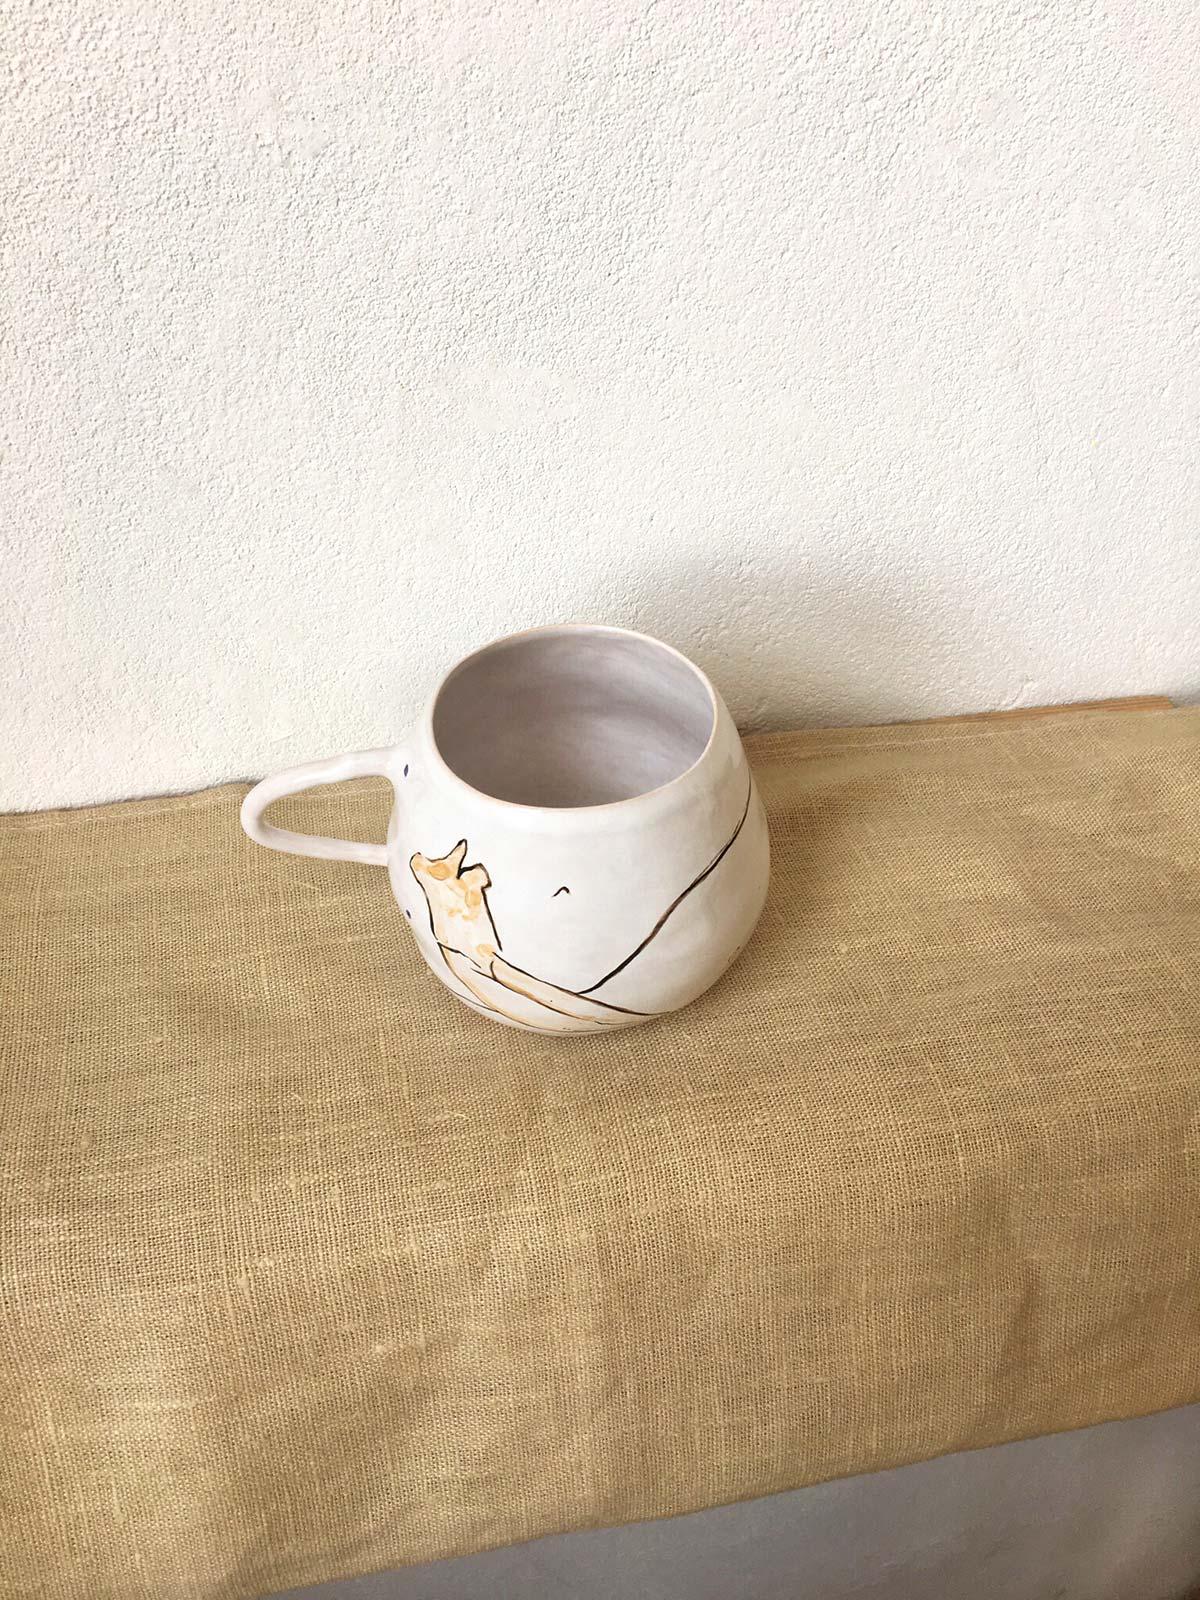 Чайная чашка № 2